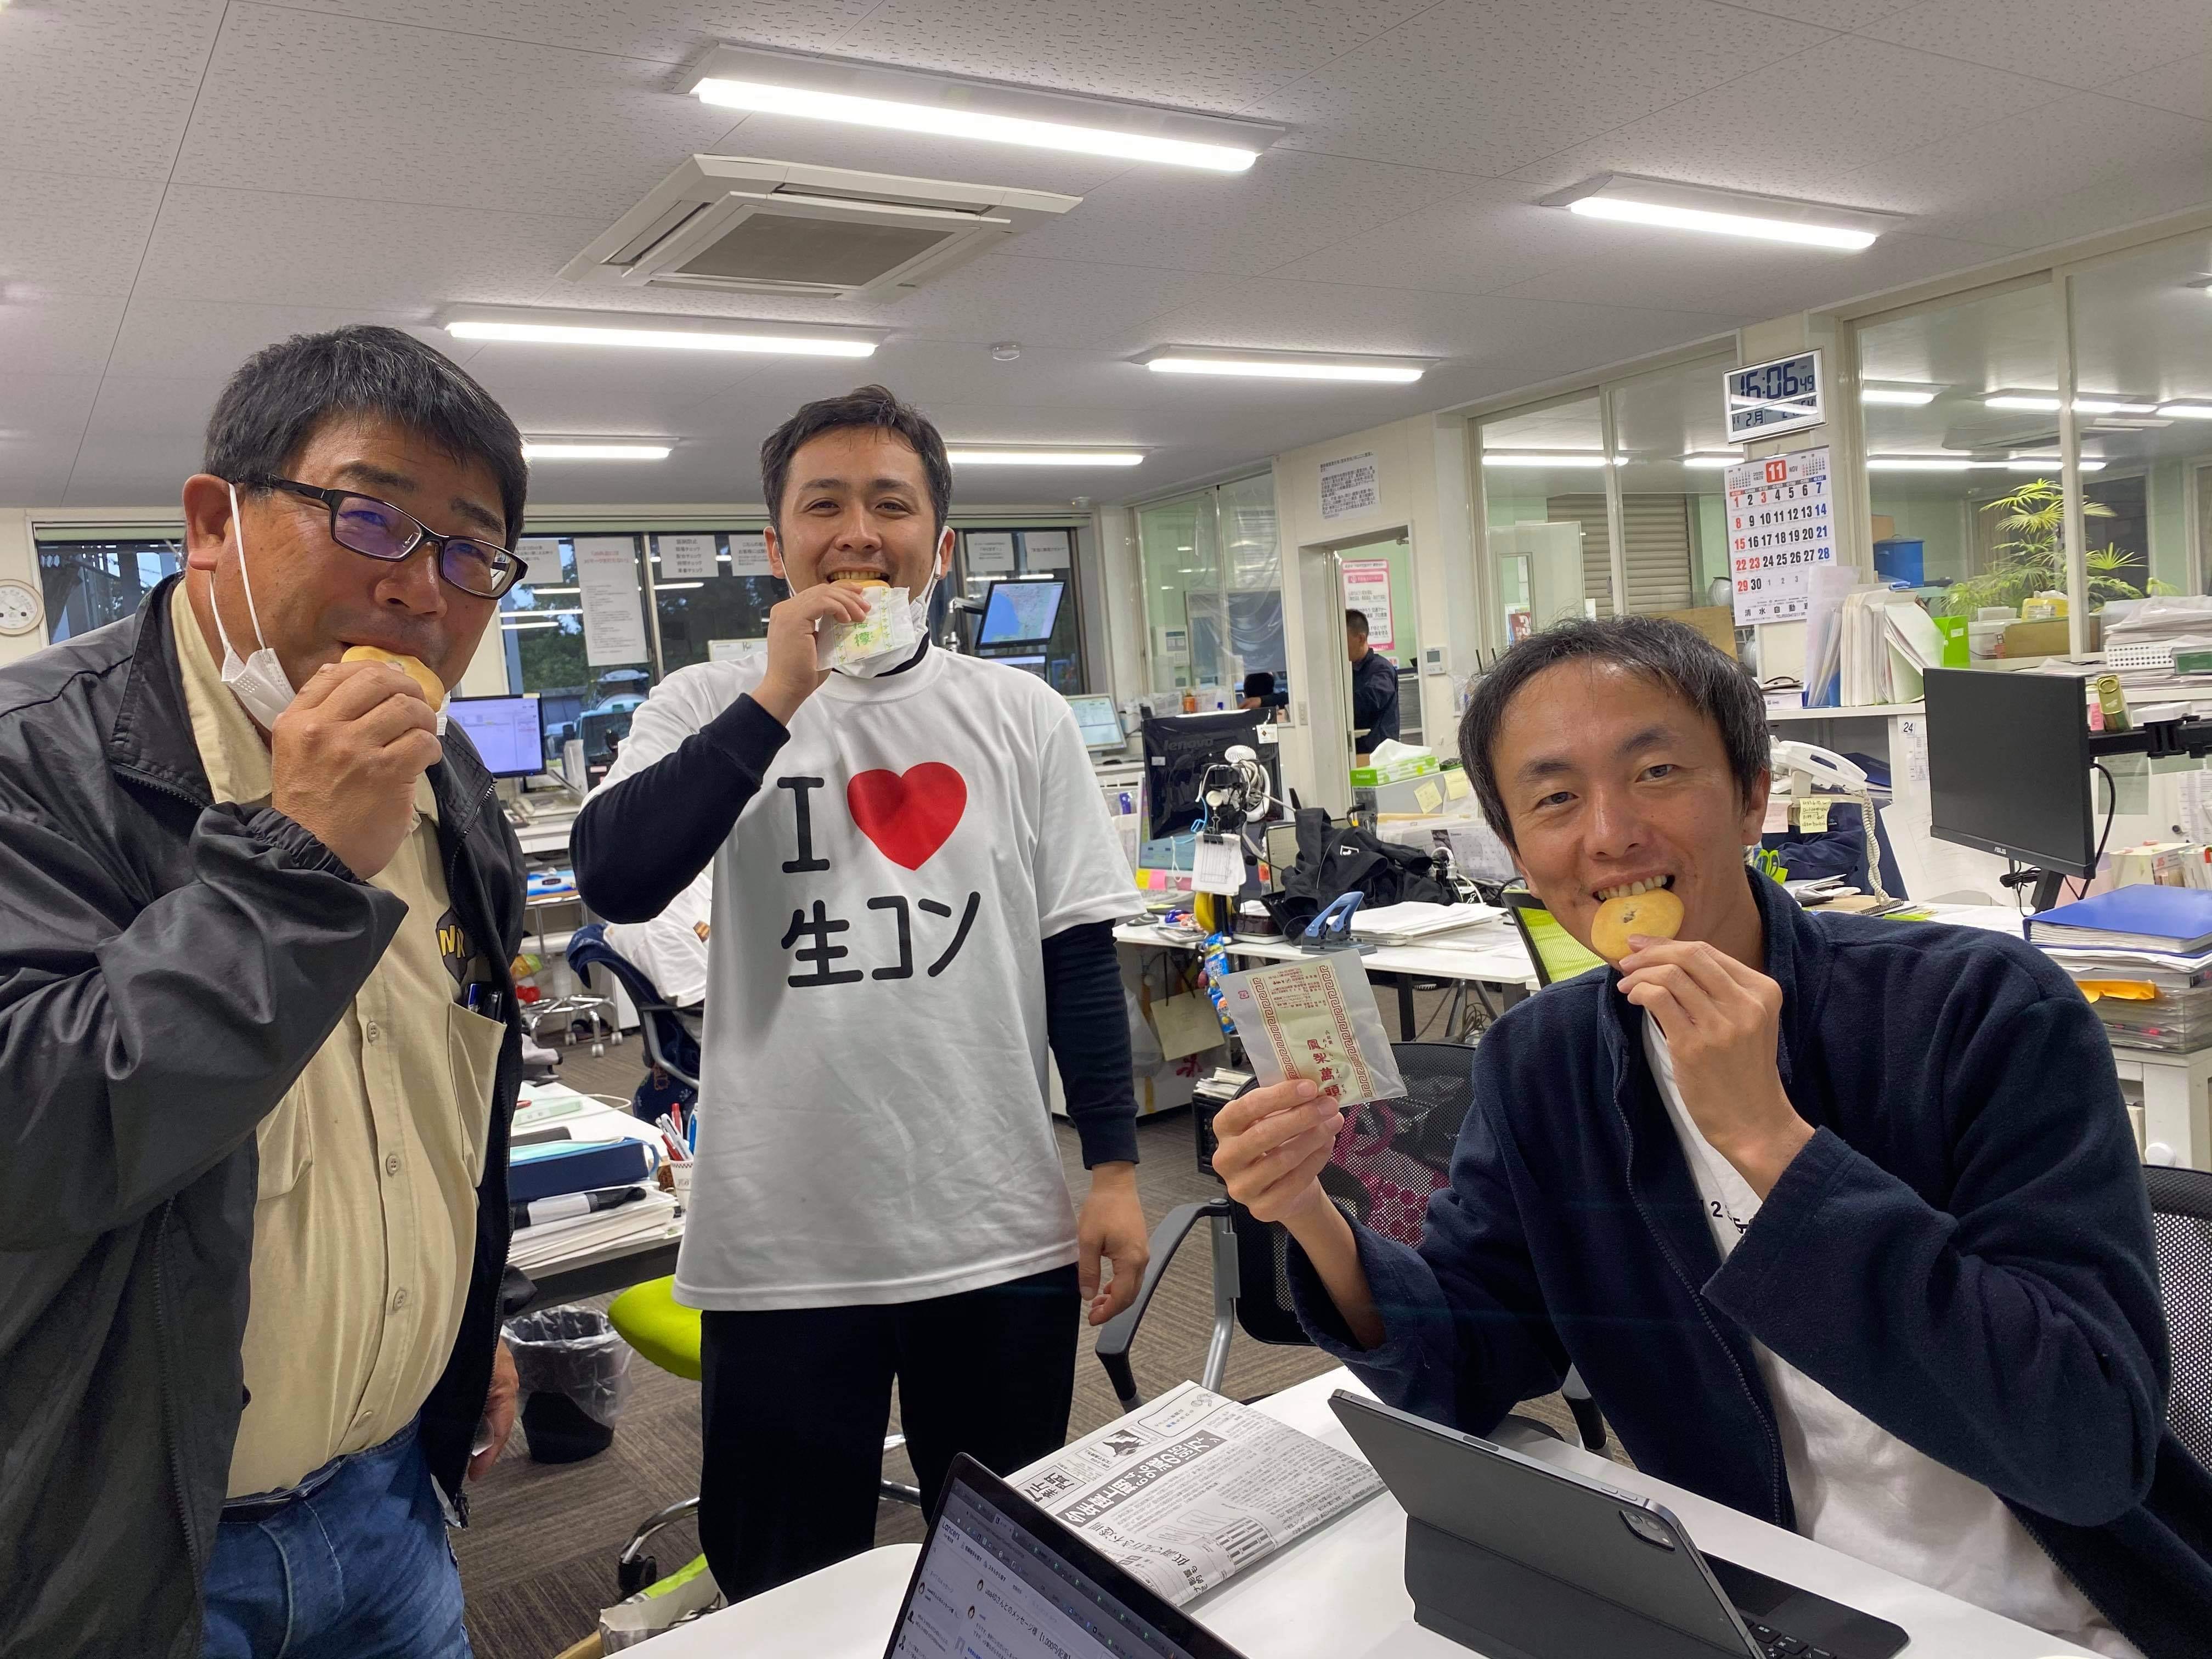 【広島】「お贈りいただきましたお菓子。おいしくいただきました!!」クオカード5,000円キャッシュバック #7